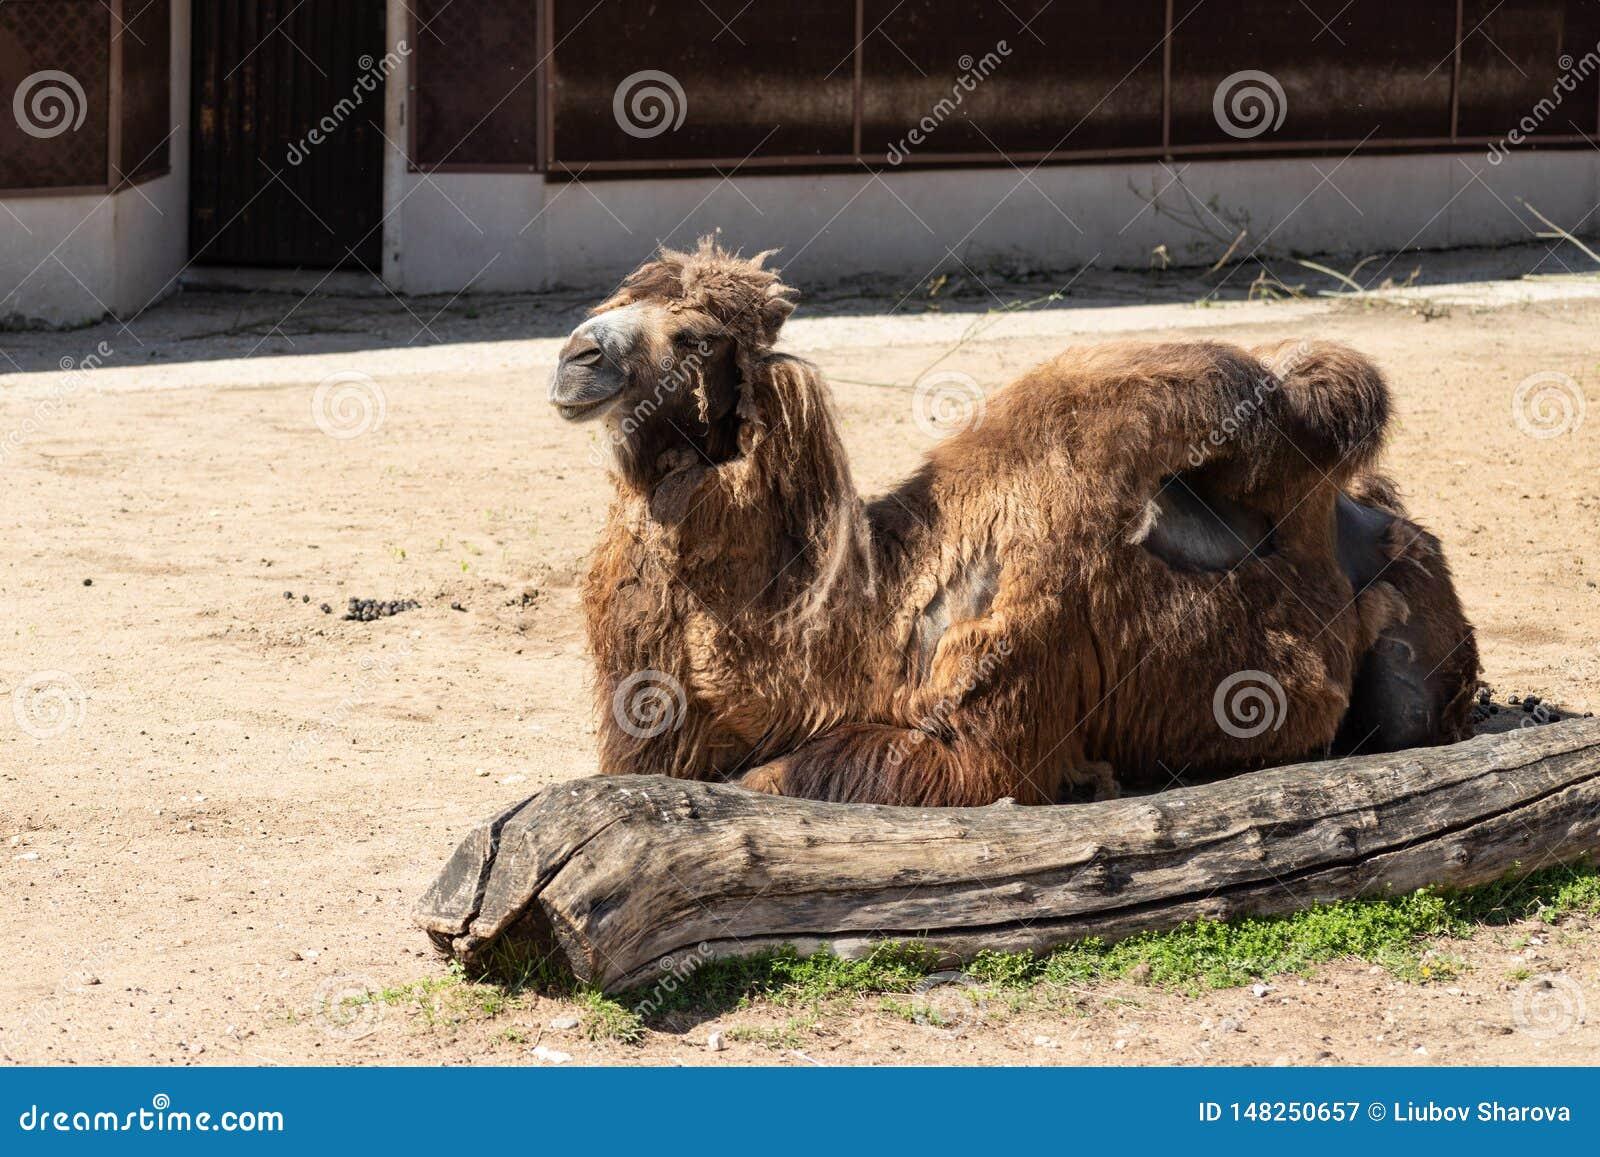 Bienestar animal pobre Camello desalinado lamentable en el parque zool?gico de Mosc?